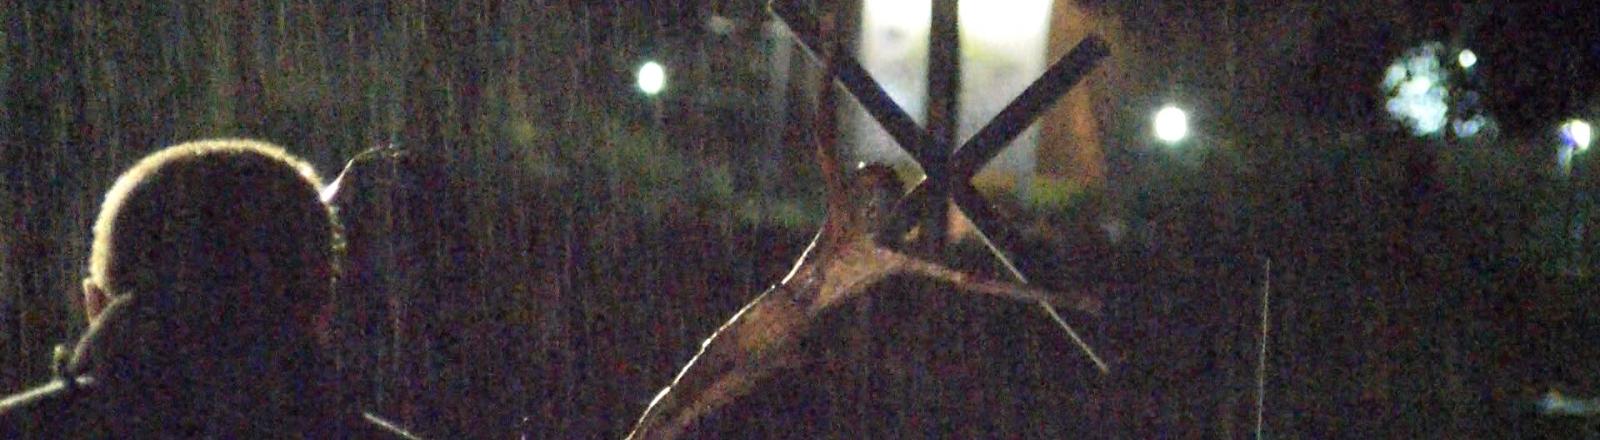 Le crucifix de la Grotte évacué le 13 juin 2018